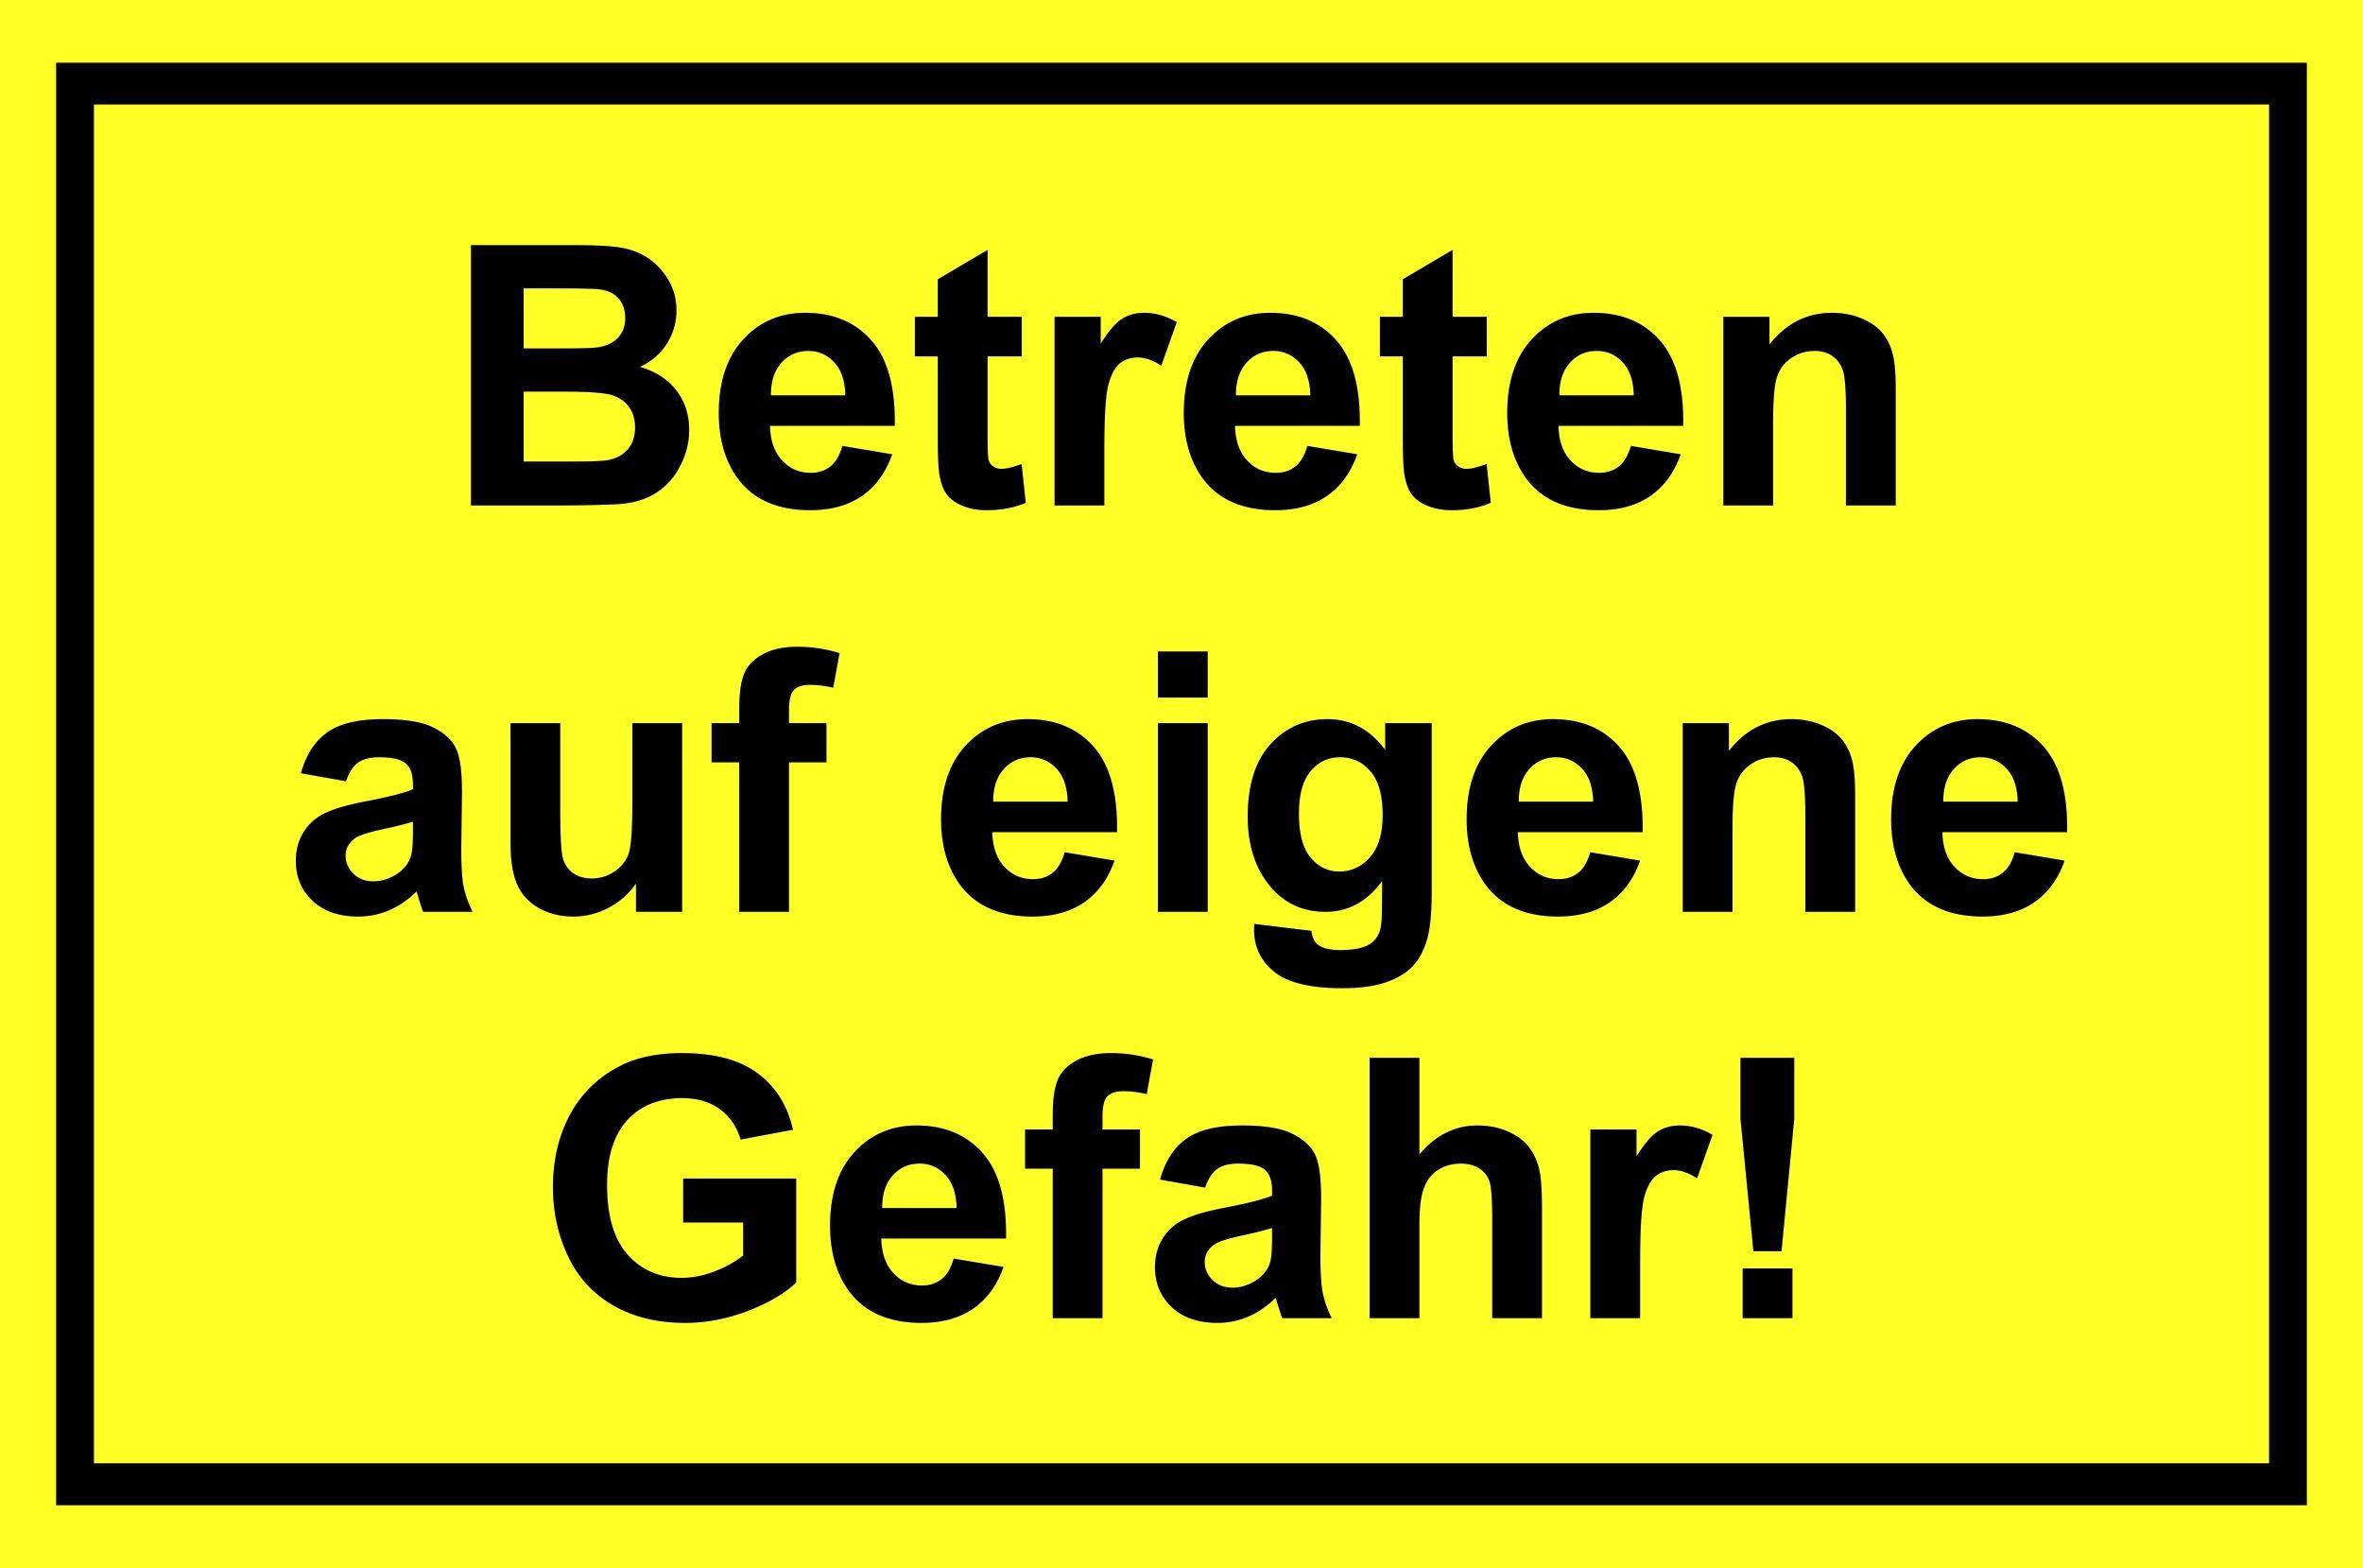 Betreten auf eigene Gefahr! 200 x 300 mm Warn- Hinweis- und Verbotsschild PST-Kunststoff – Bild 1